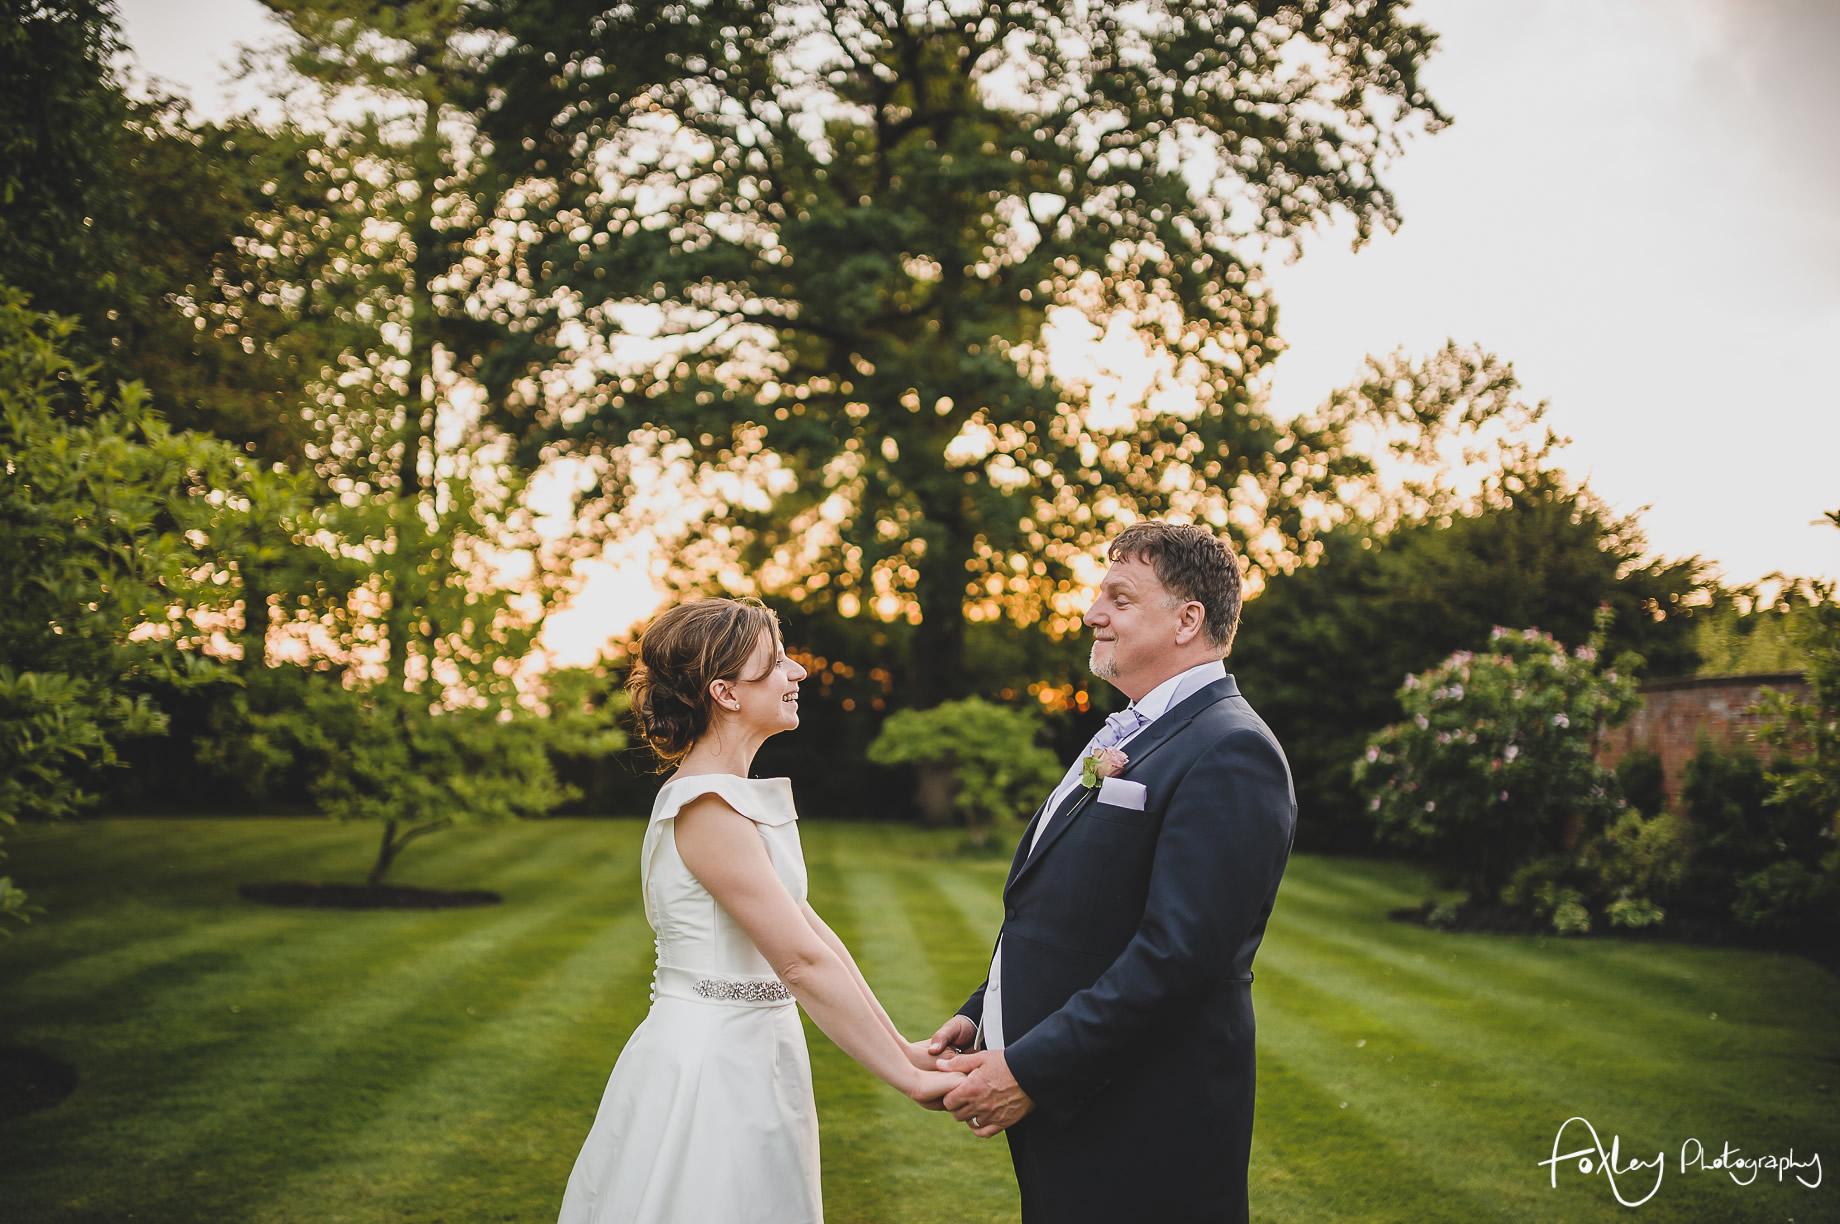 Simona-and-Robert-Wedding-at-Colshaw-Hall-148